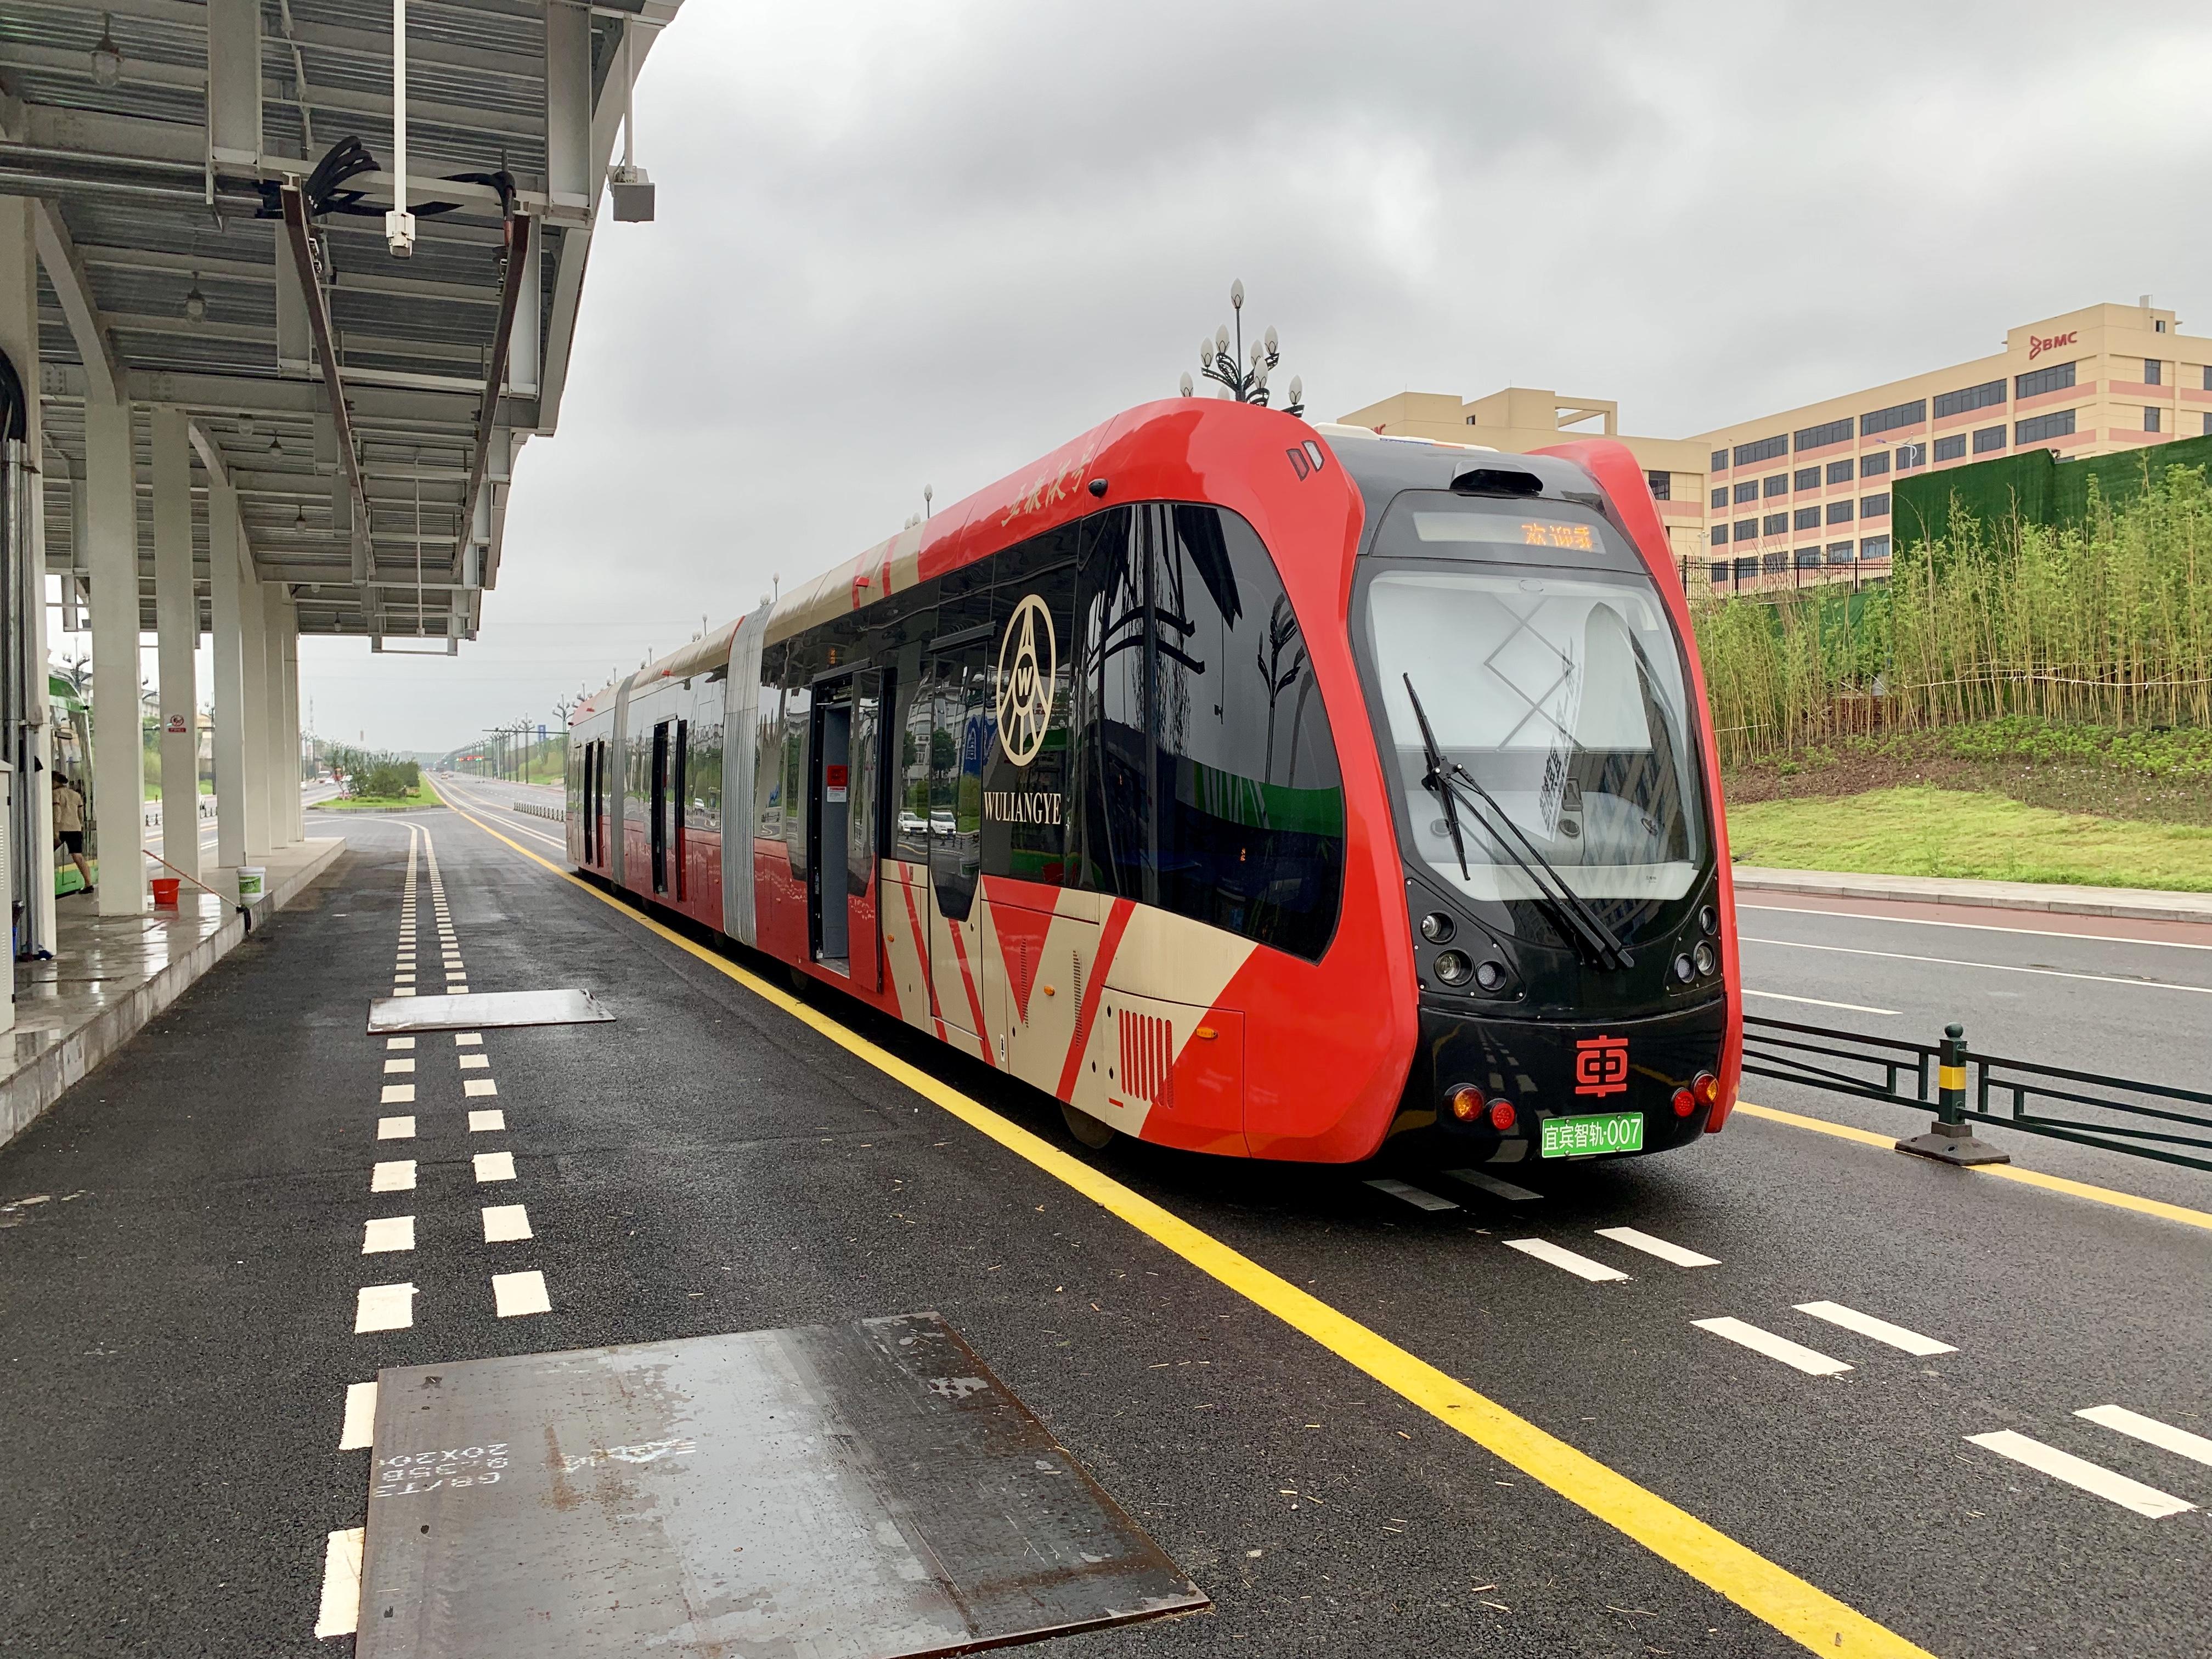 A kínai CRRC ART (Autonomus Rail Rapid Transit) kétirányú szerelvénye, sínek nélkül. Nem busz, nem villamos, egy új járműkategória